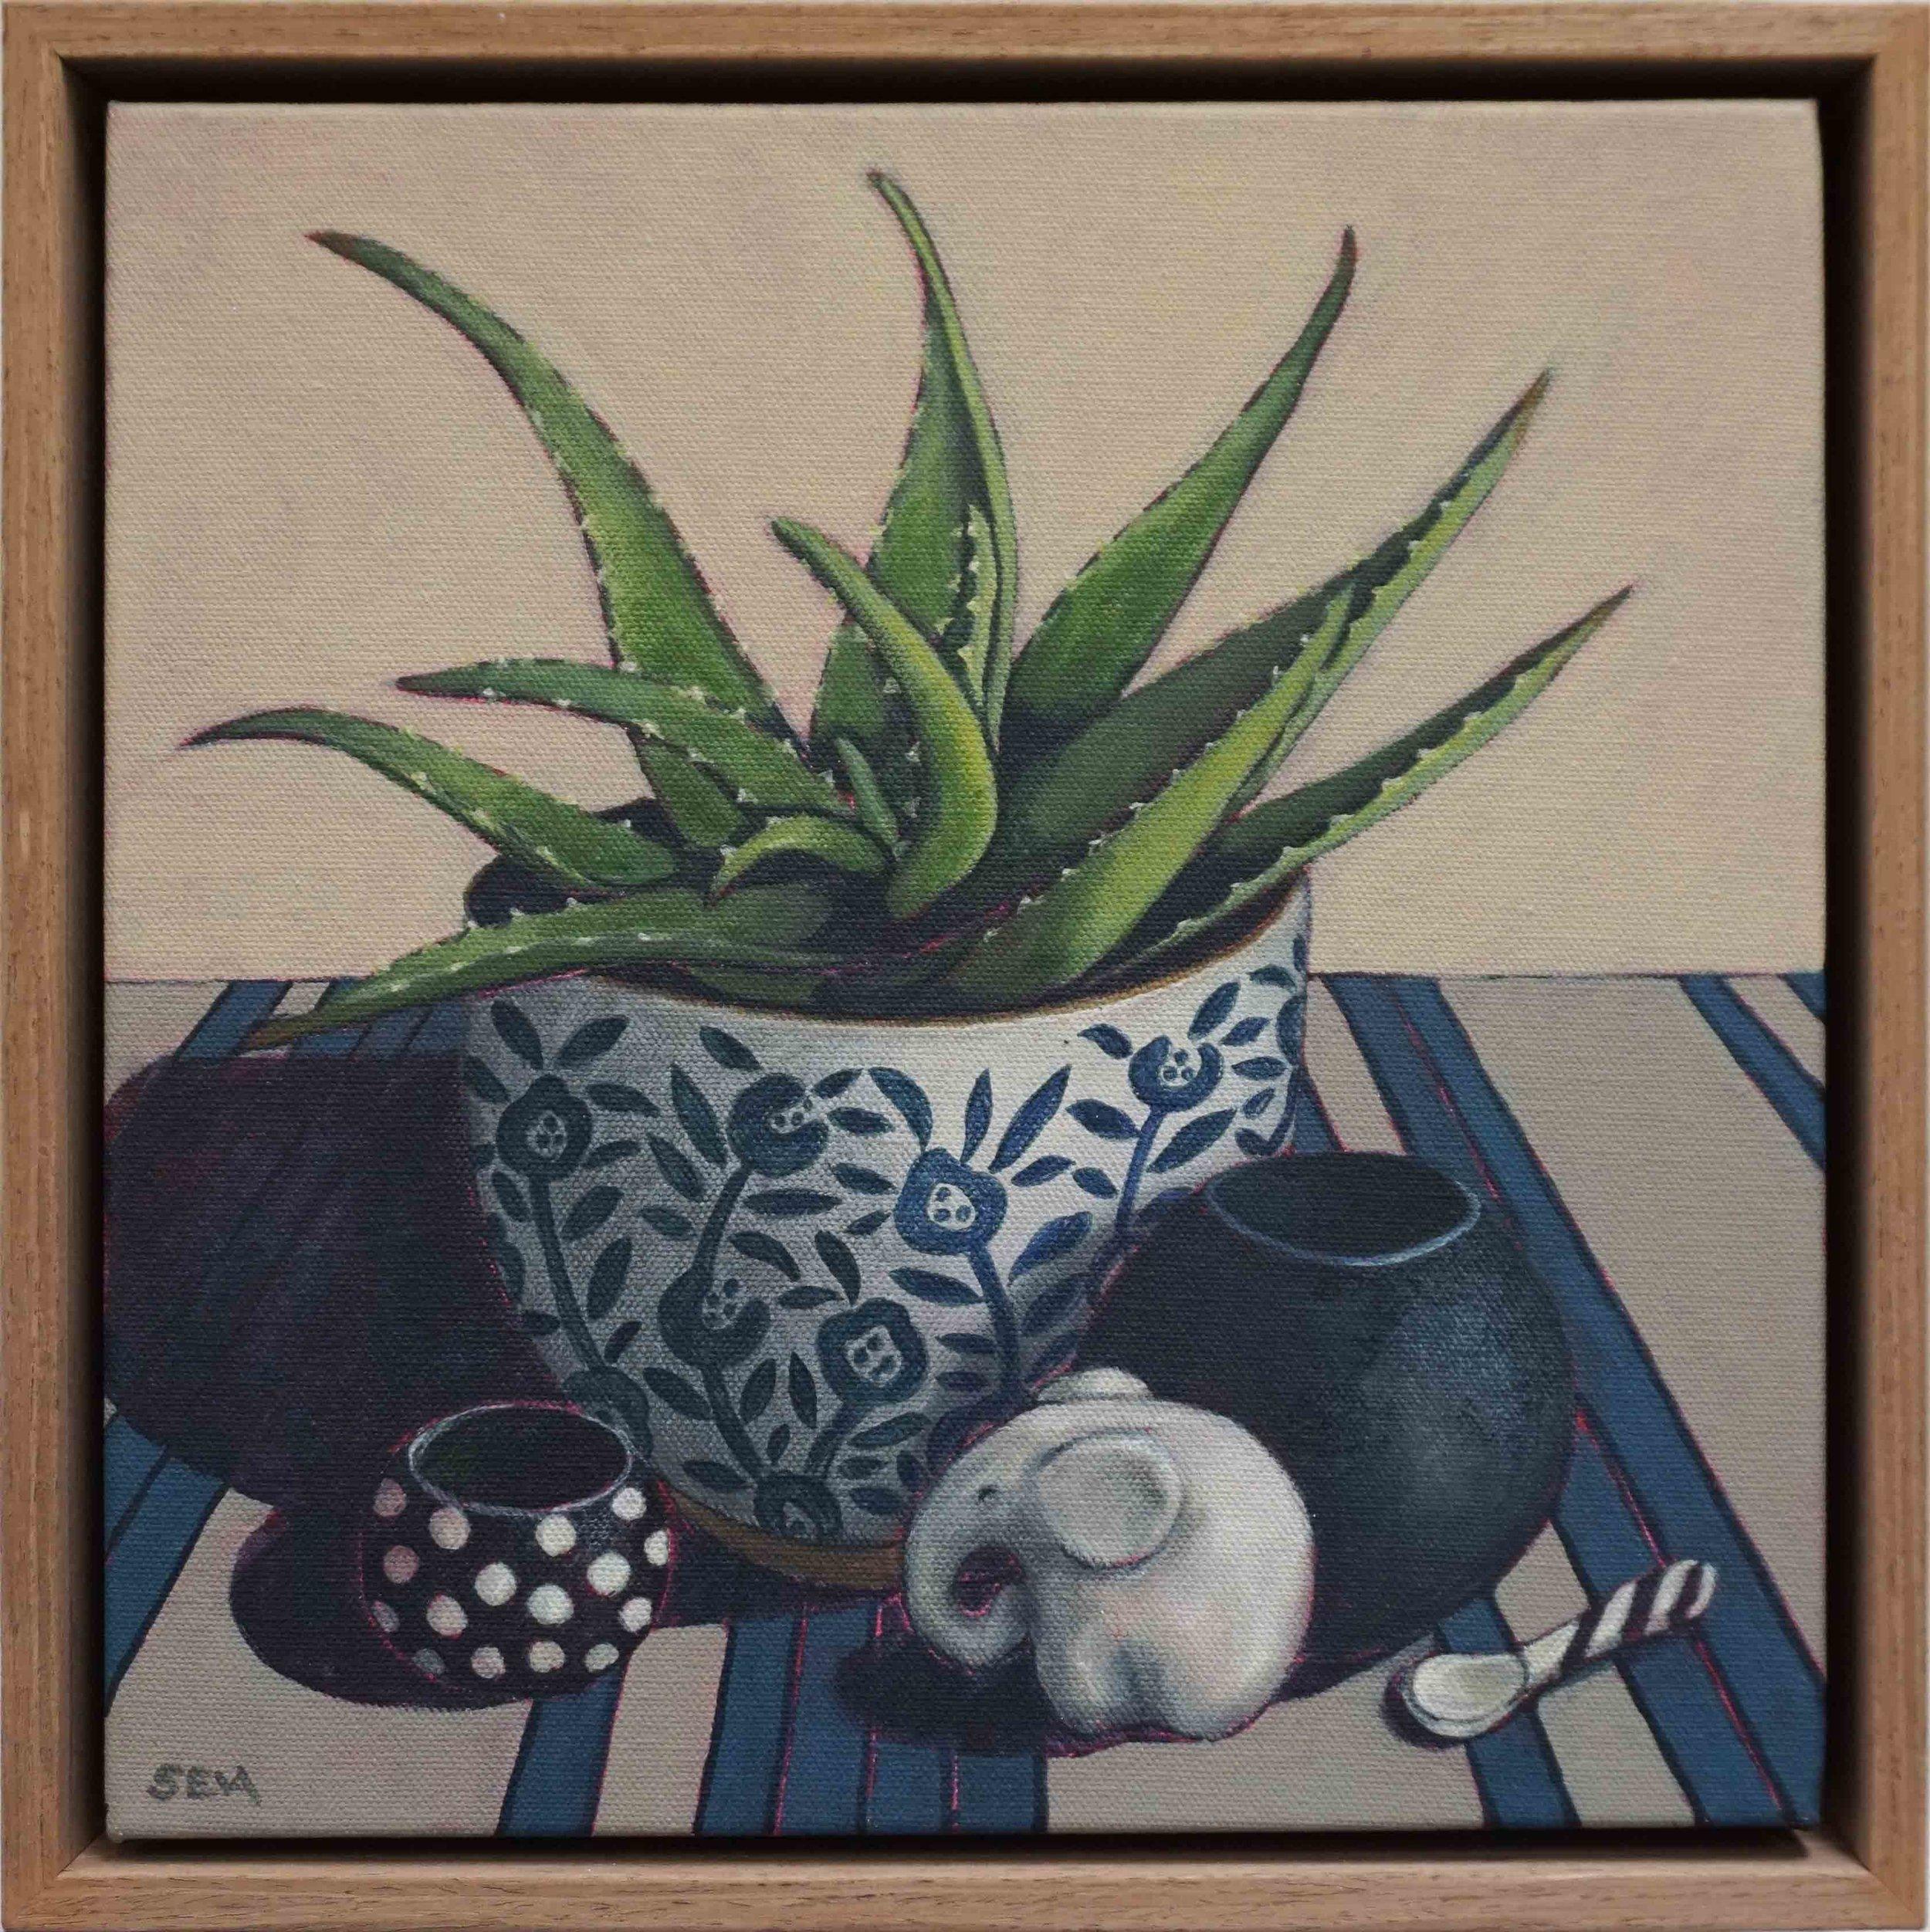 16. Sue Eva, 'Blue and Aloe', 2018, Acrylic on canvas, 30 x 30cm, $445